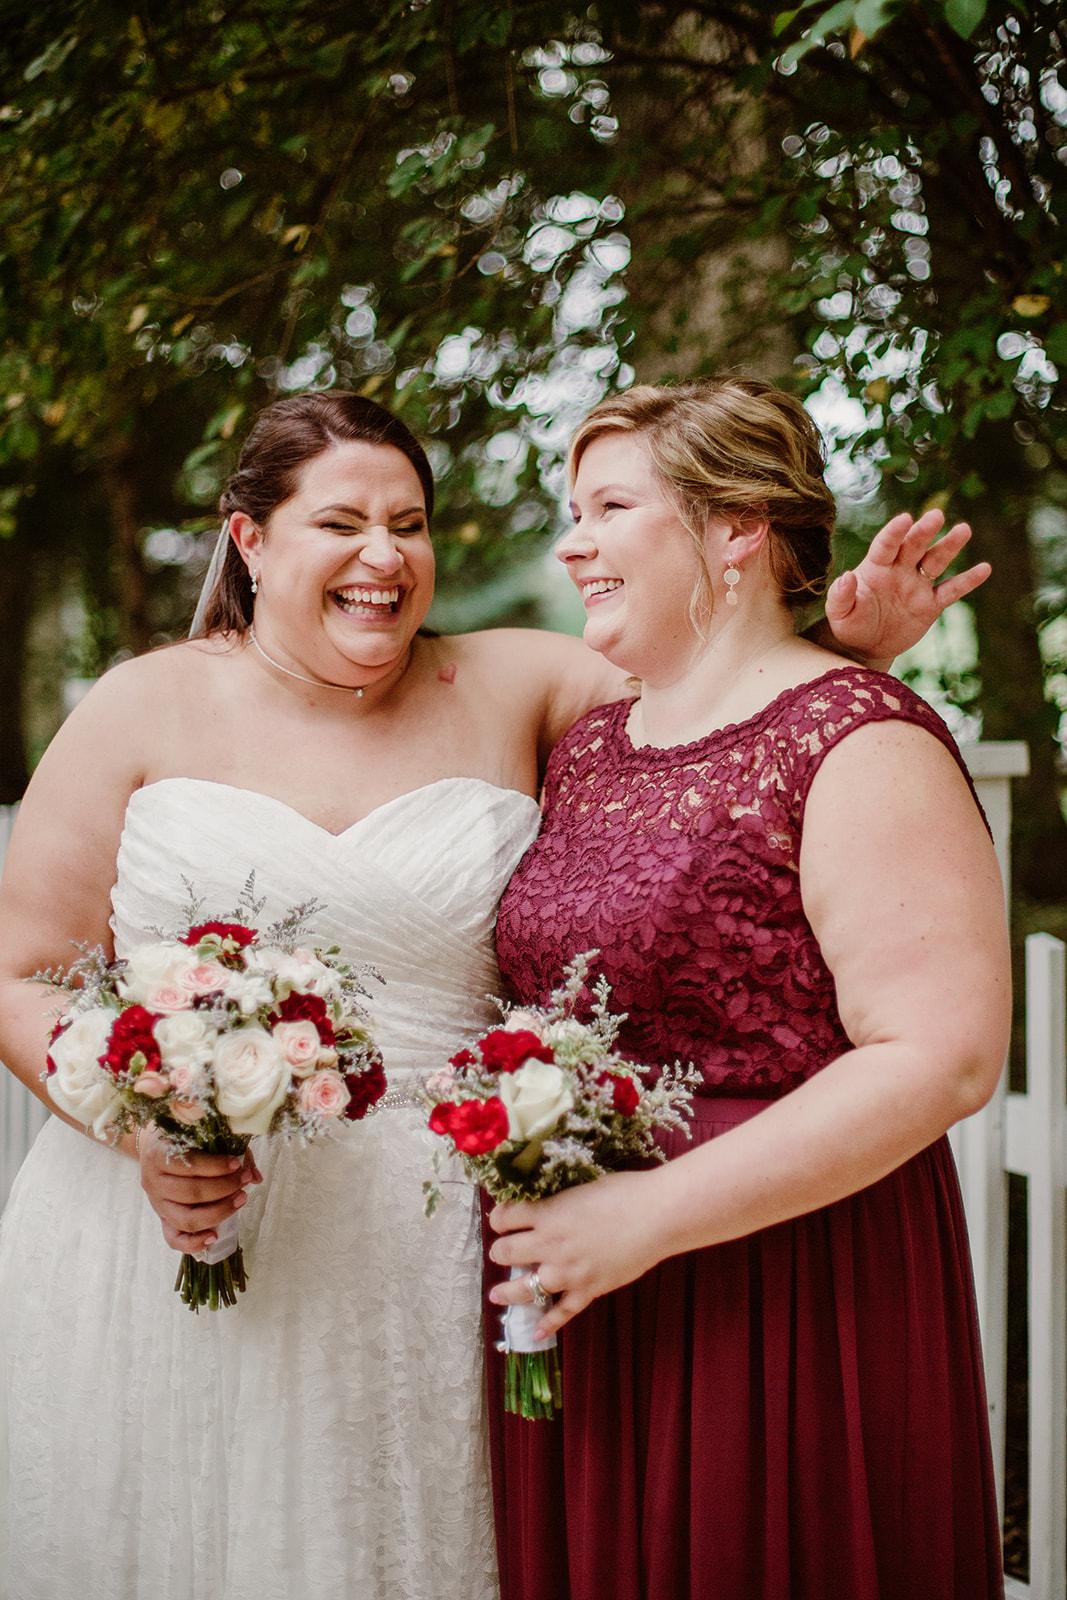 SarahMattozziPhotography-NicoleChris-GlenGardens-WeddingParty-7.jpg